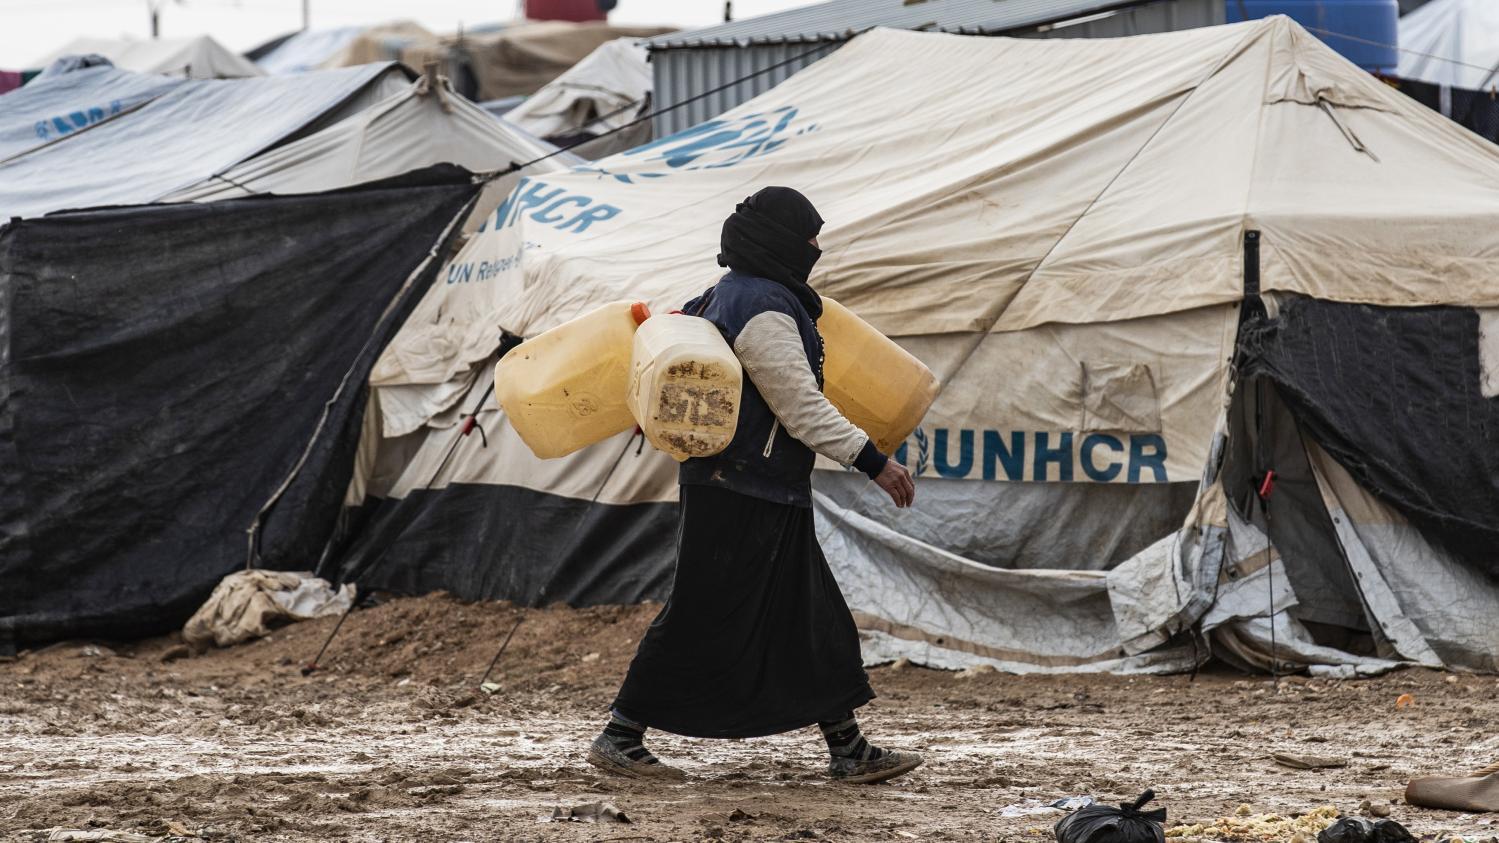 Femmes et enfants retenus en Syrie : des plaintes contre Jean-Yves Le Drian classées sans suite